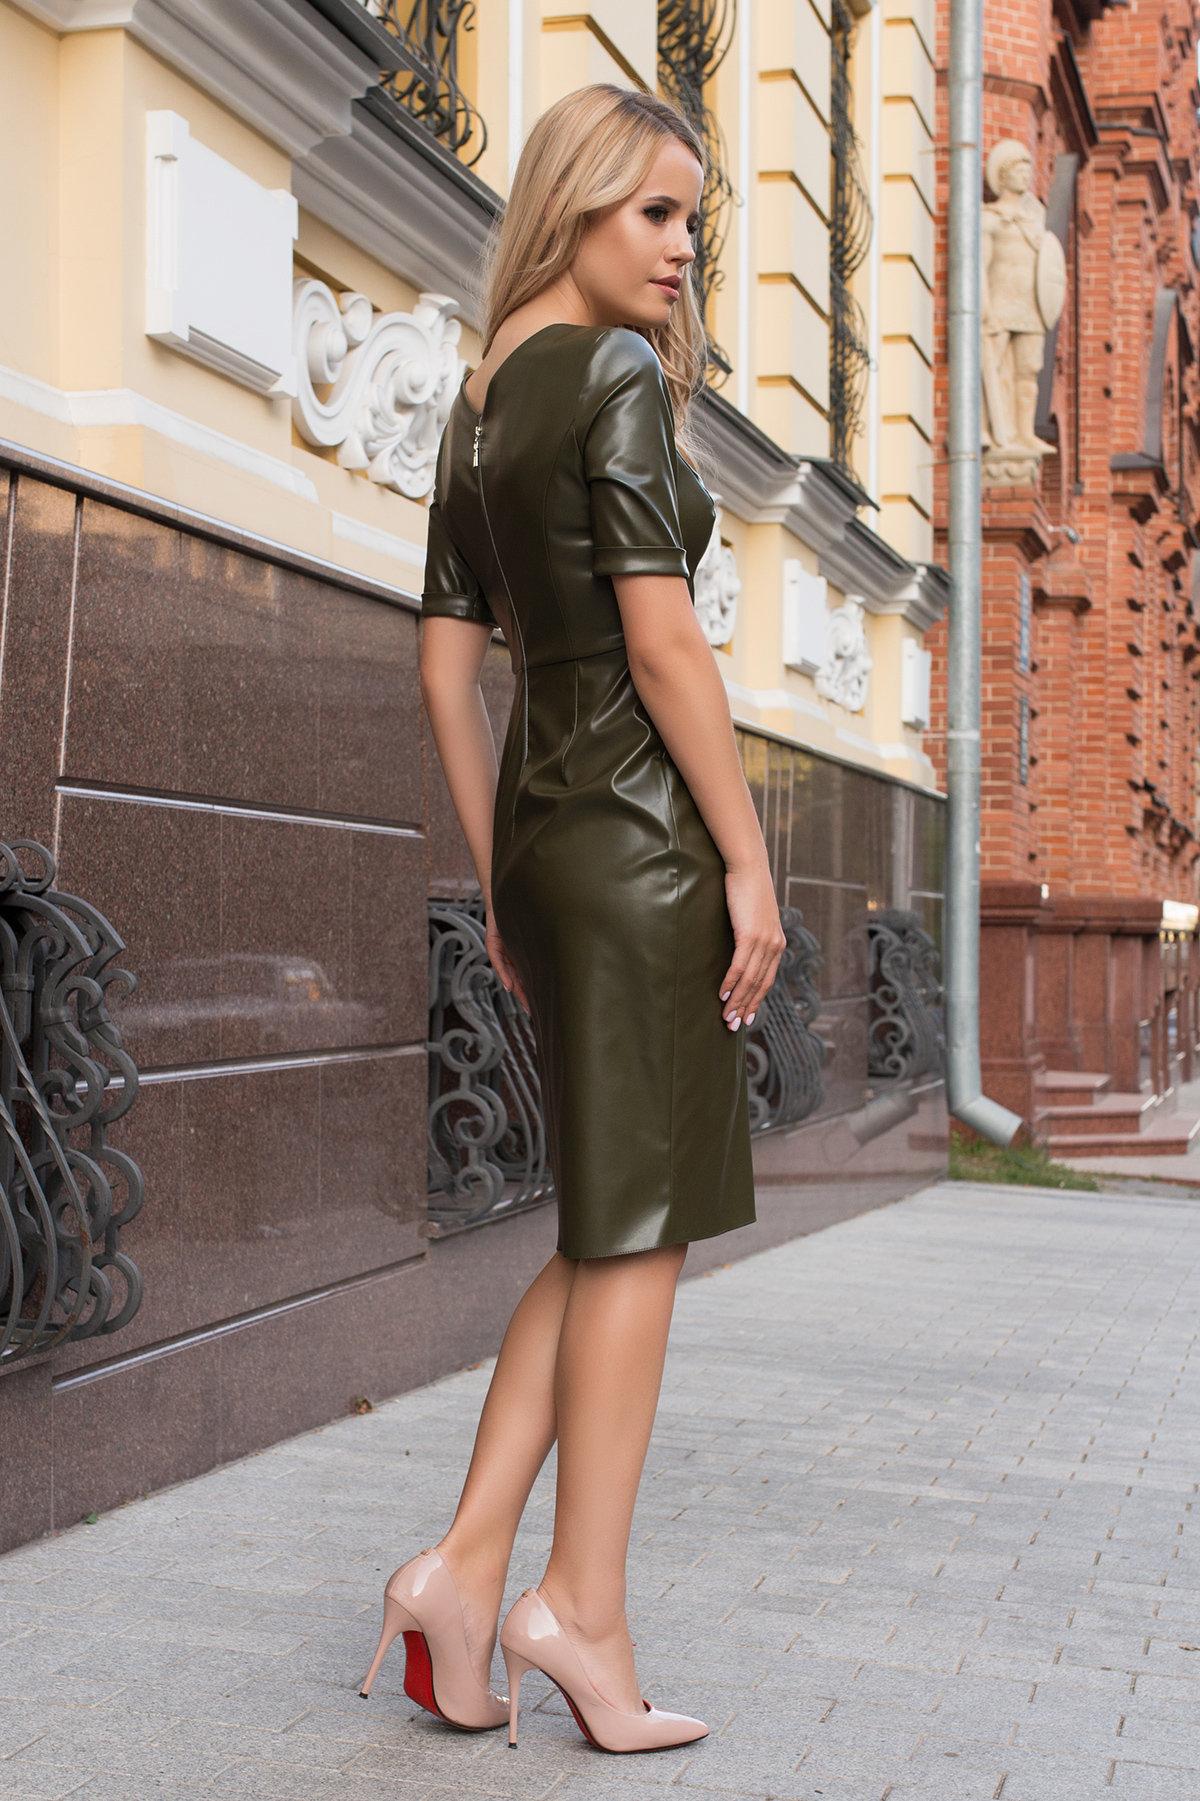 Платье из экокожи Тетрис 7847 АРТ. 43899 Цвет: Хаки - фото 12, интернет магазин tm-modus.ru